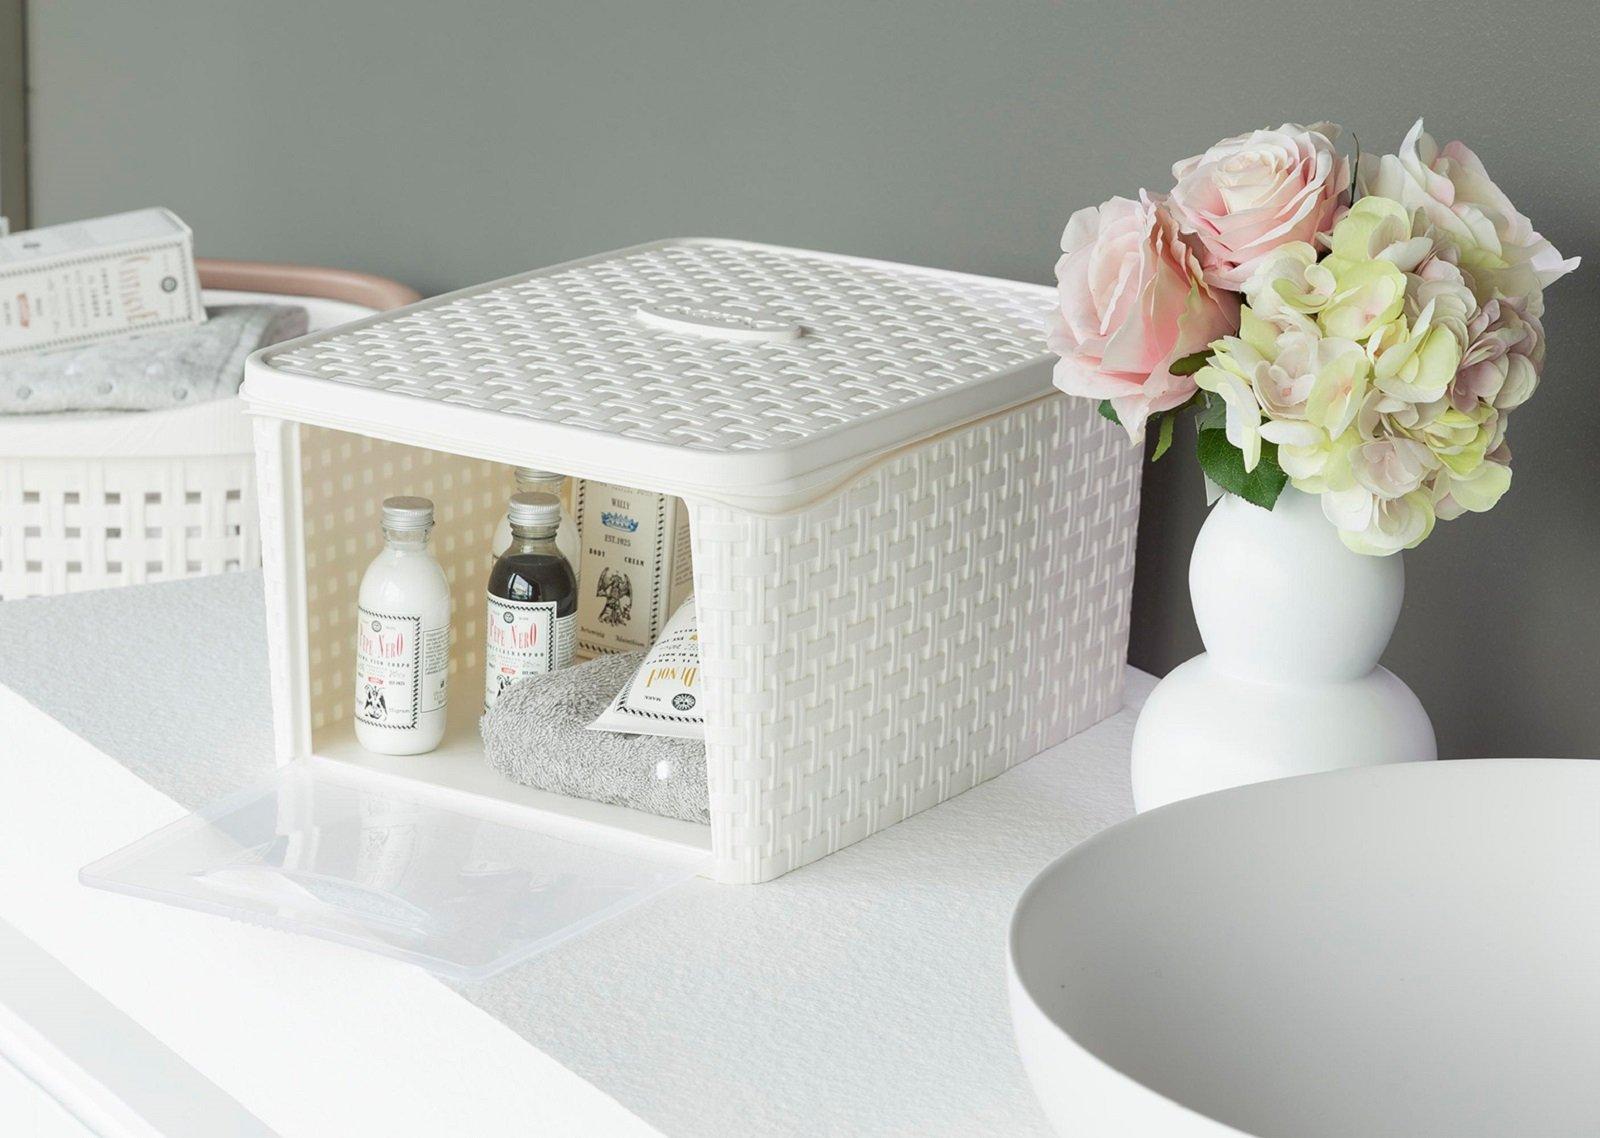 Cestini Da Bagno Leroy Merlin : Bagno tutto in ordine con i piccoli contenitori cose di casa